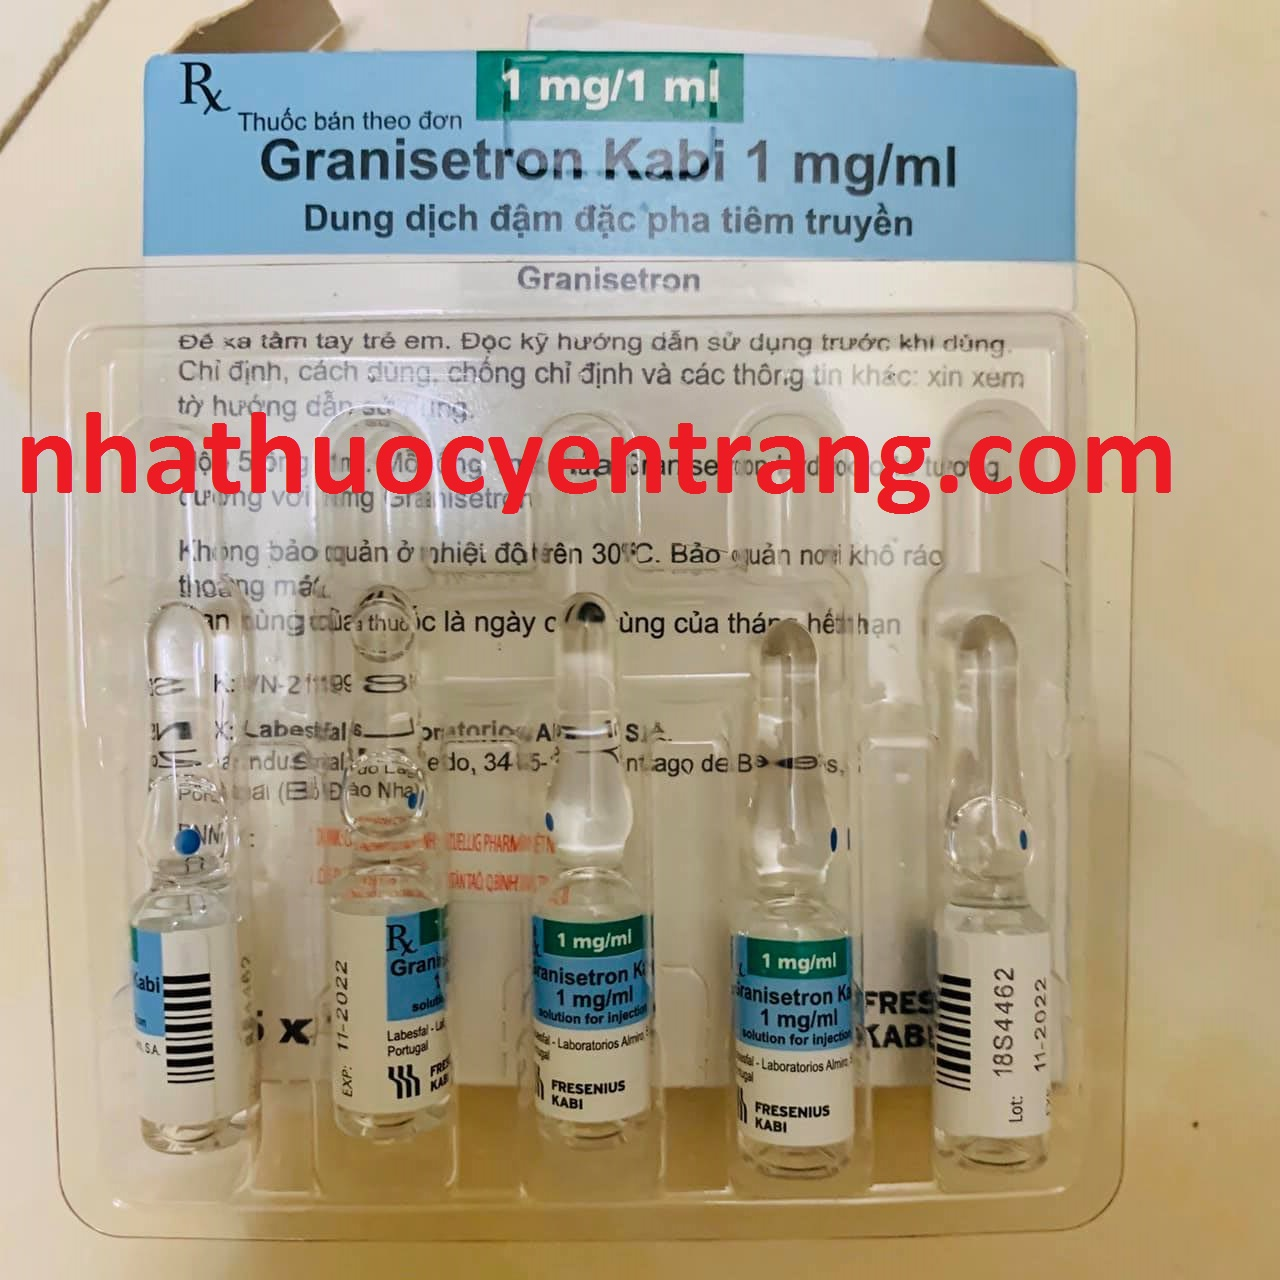 Granisetron 1mg/ml